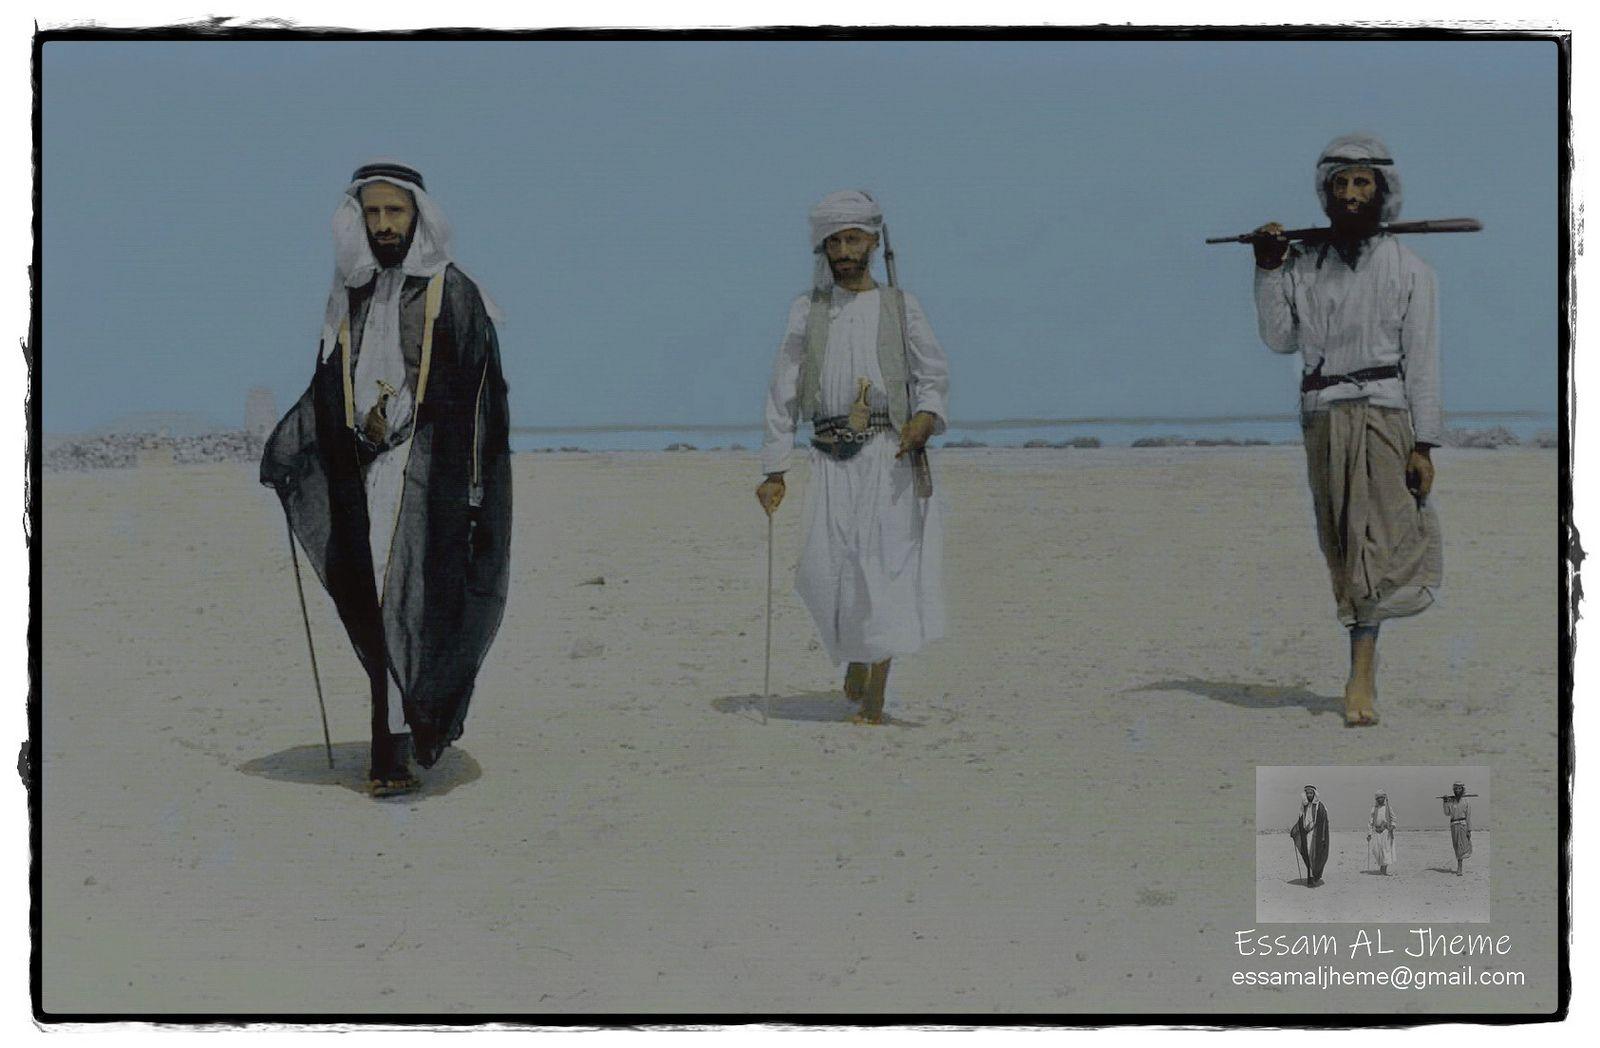 الشيخ شخبوط بن سلطان آل نهيان Rare Pictures My Images Black And White